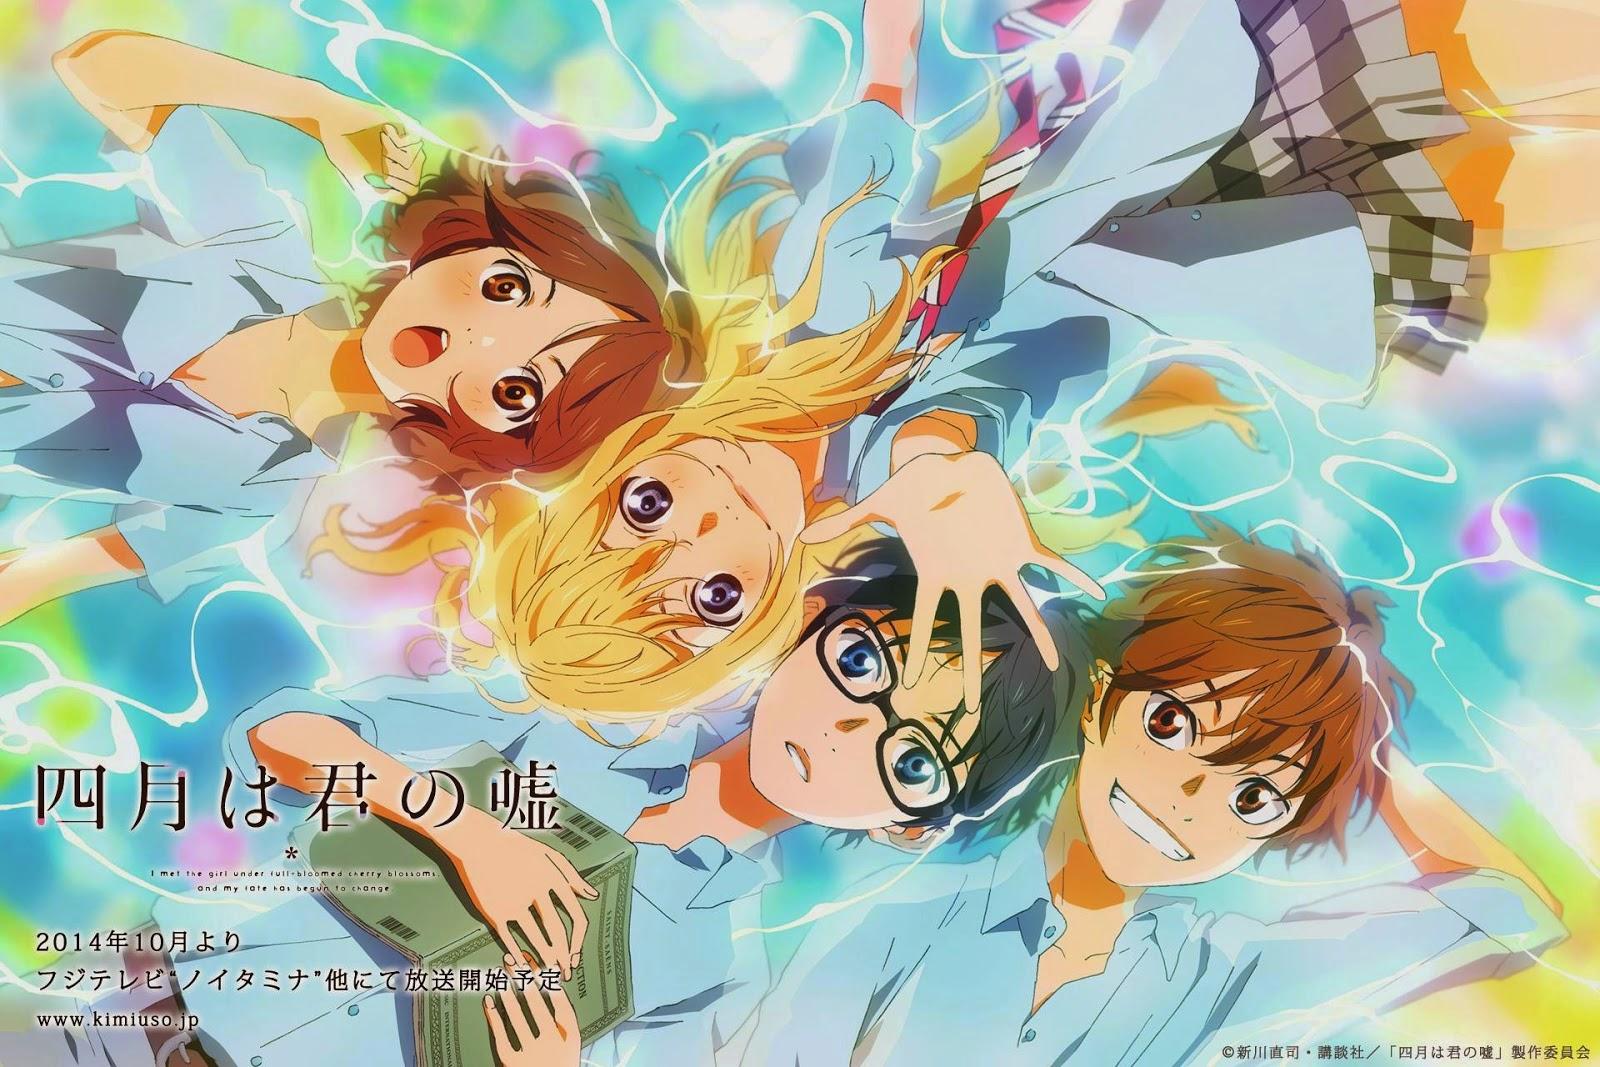 Pertengahan maret kemaren saya ketemu anime tearjeaker terbaik yang pernah saya tonton ampe saat ini judulnya shigatsu wa kimi no uso yang artinya